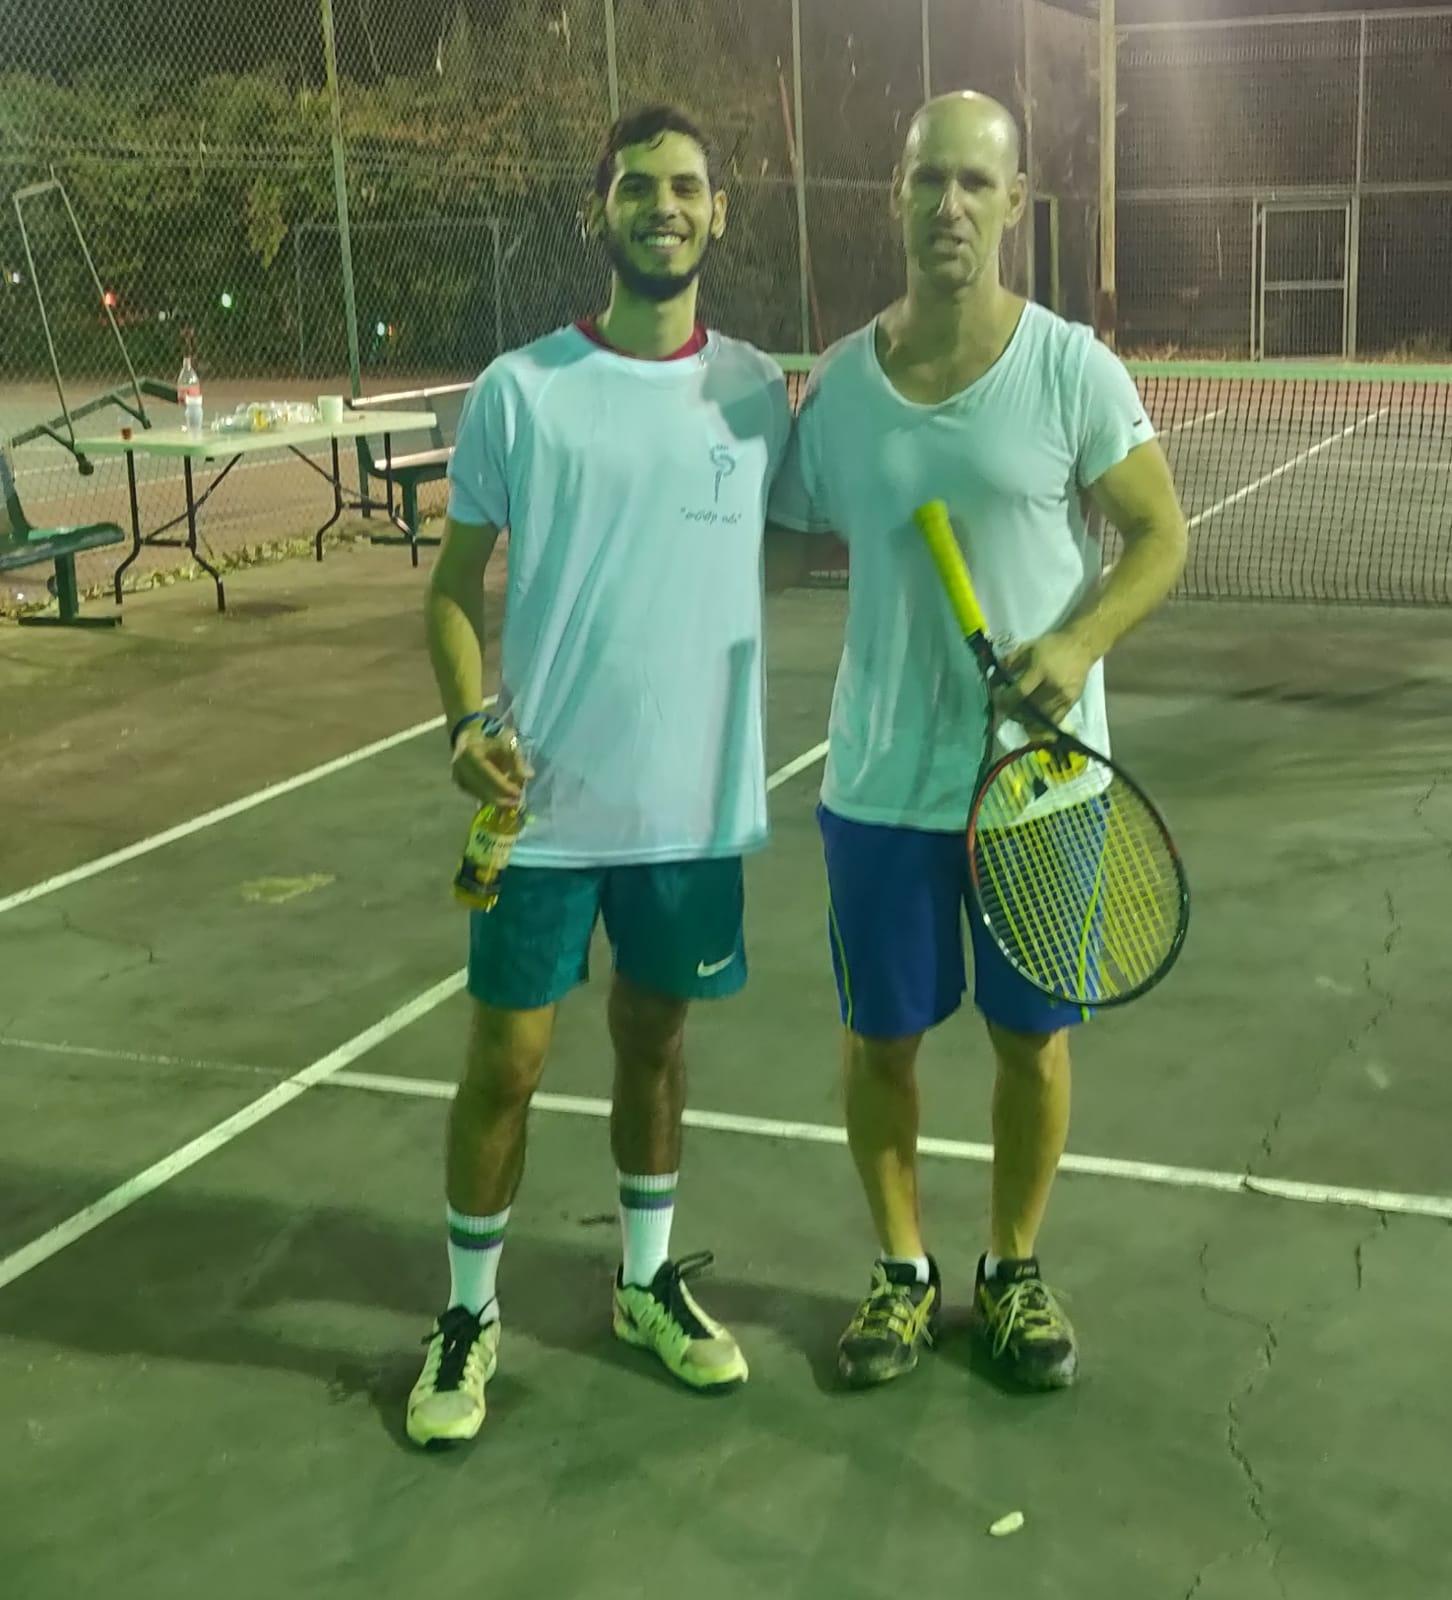 אליפות קיבוץ דן בטניס 'ווימבלדן 2020'